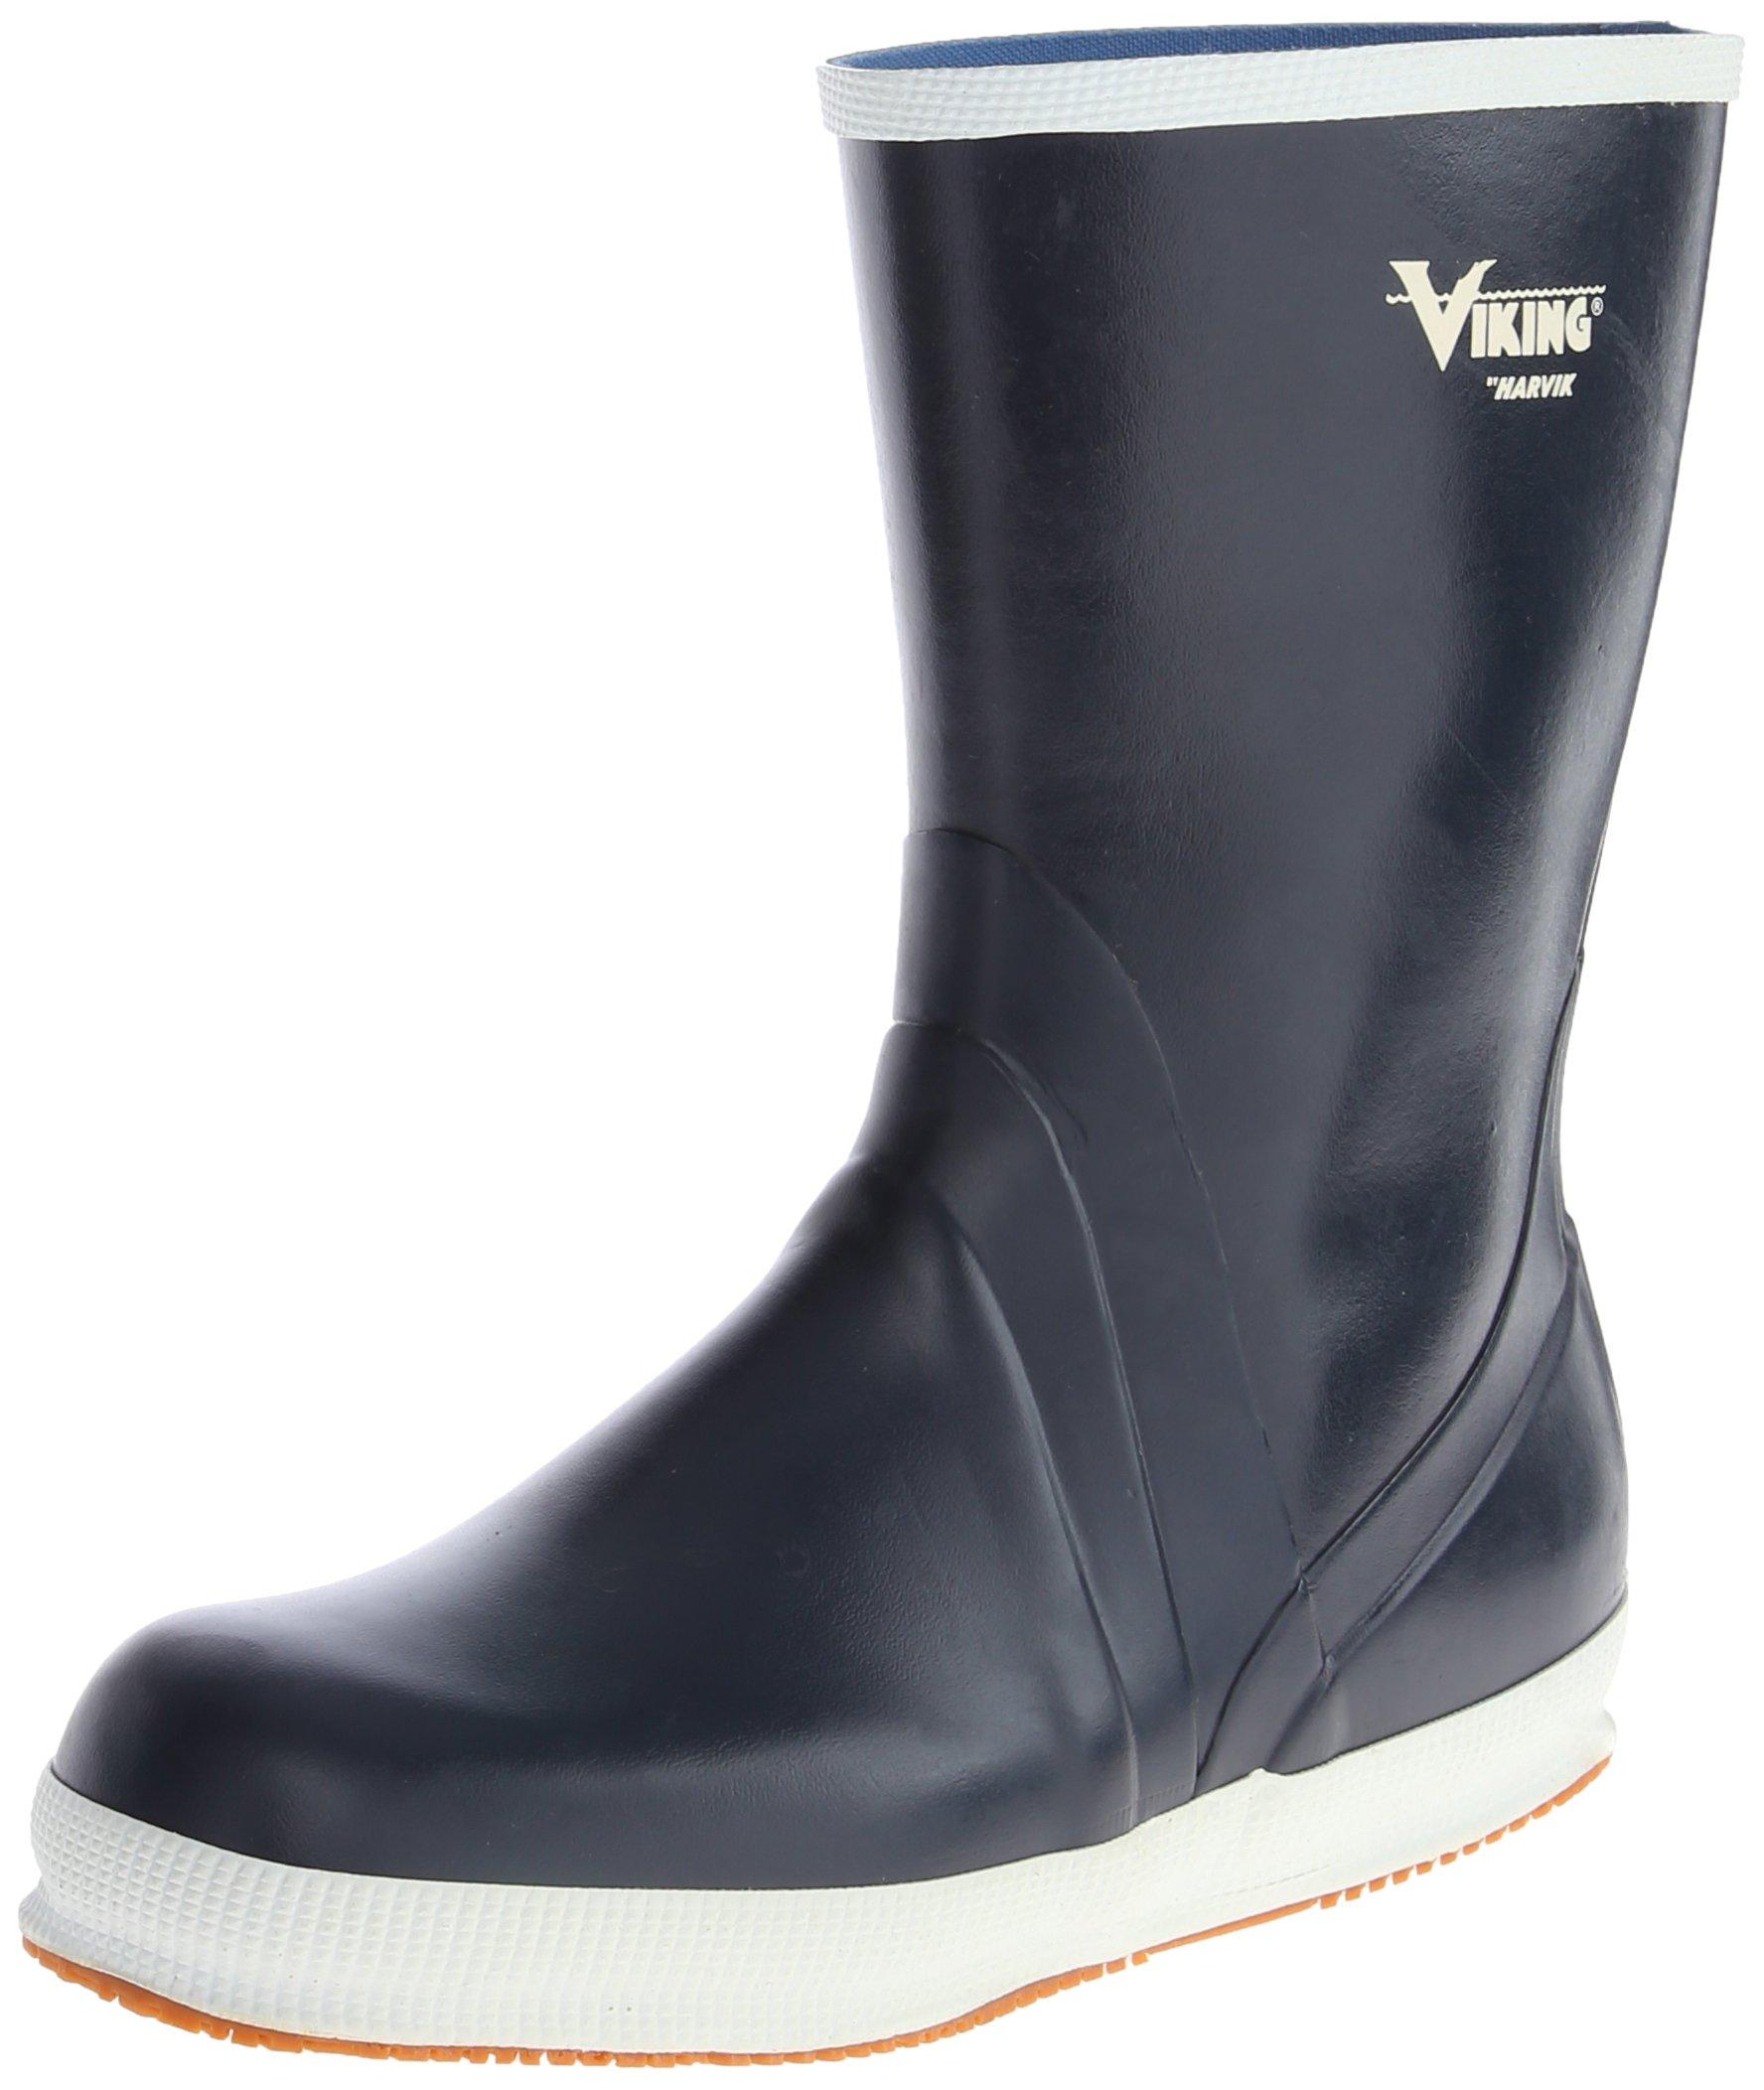 Viking Footwear Mariner Kadett Waterproof Slip-Resistant Boot,Navy,13 M US by Viking Footwear